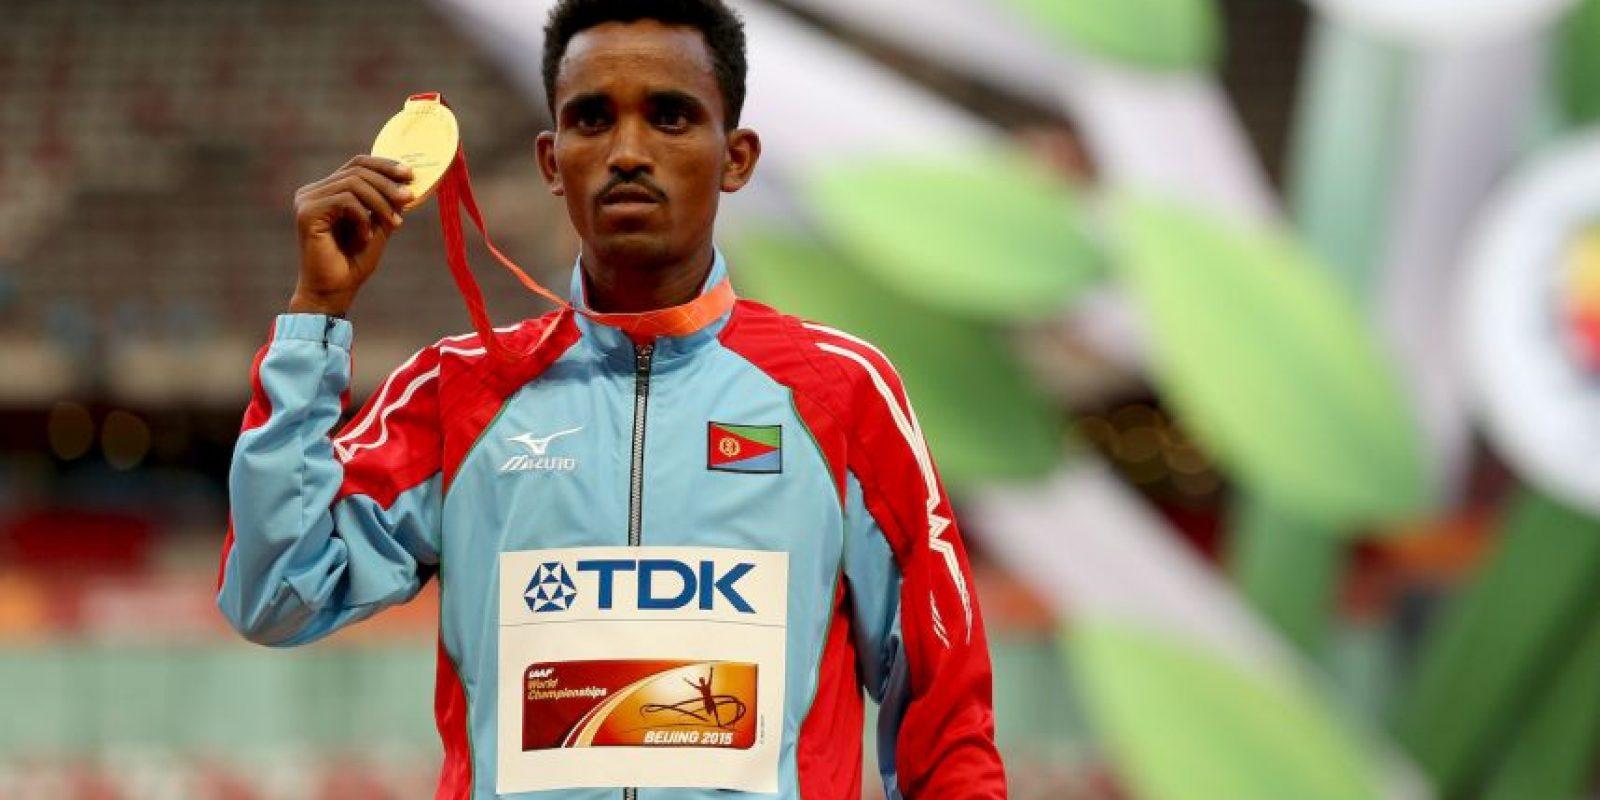 El nacido en Eritrea conquistó el maratón en dos horas, 12 minutos y 27 segundos Foto:Getty Images